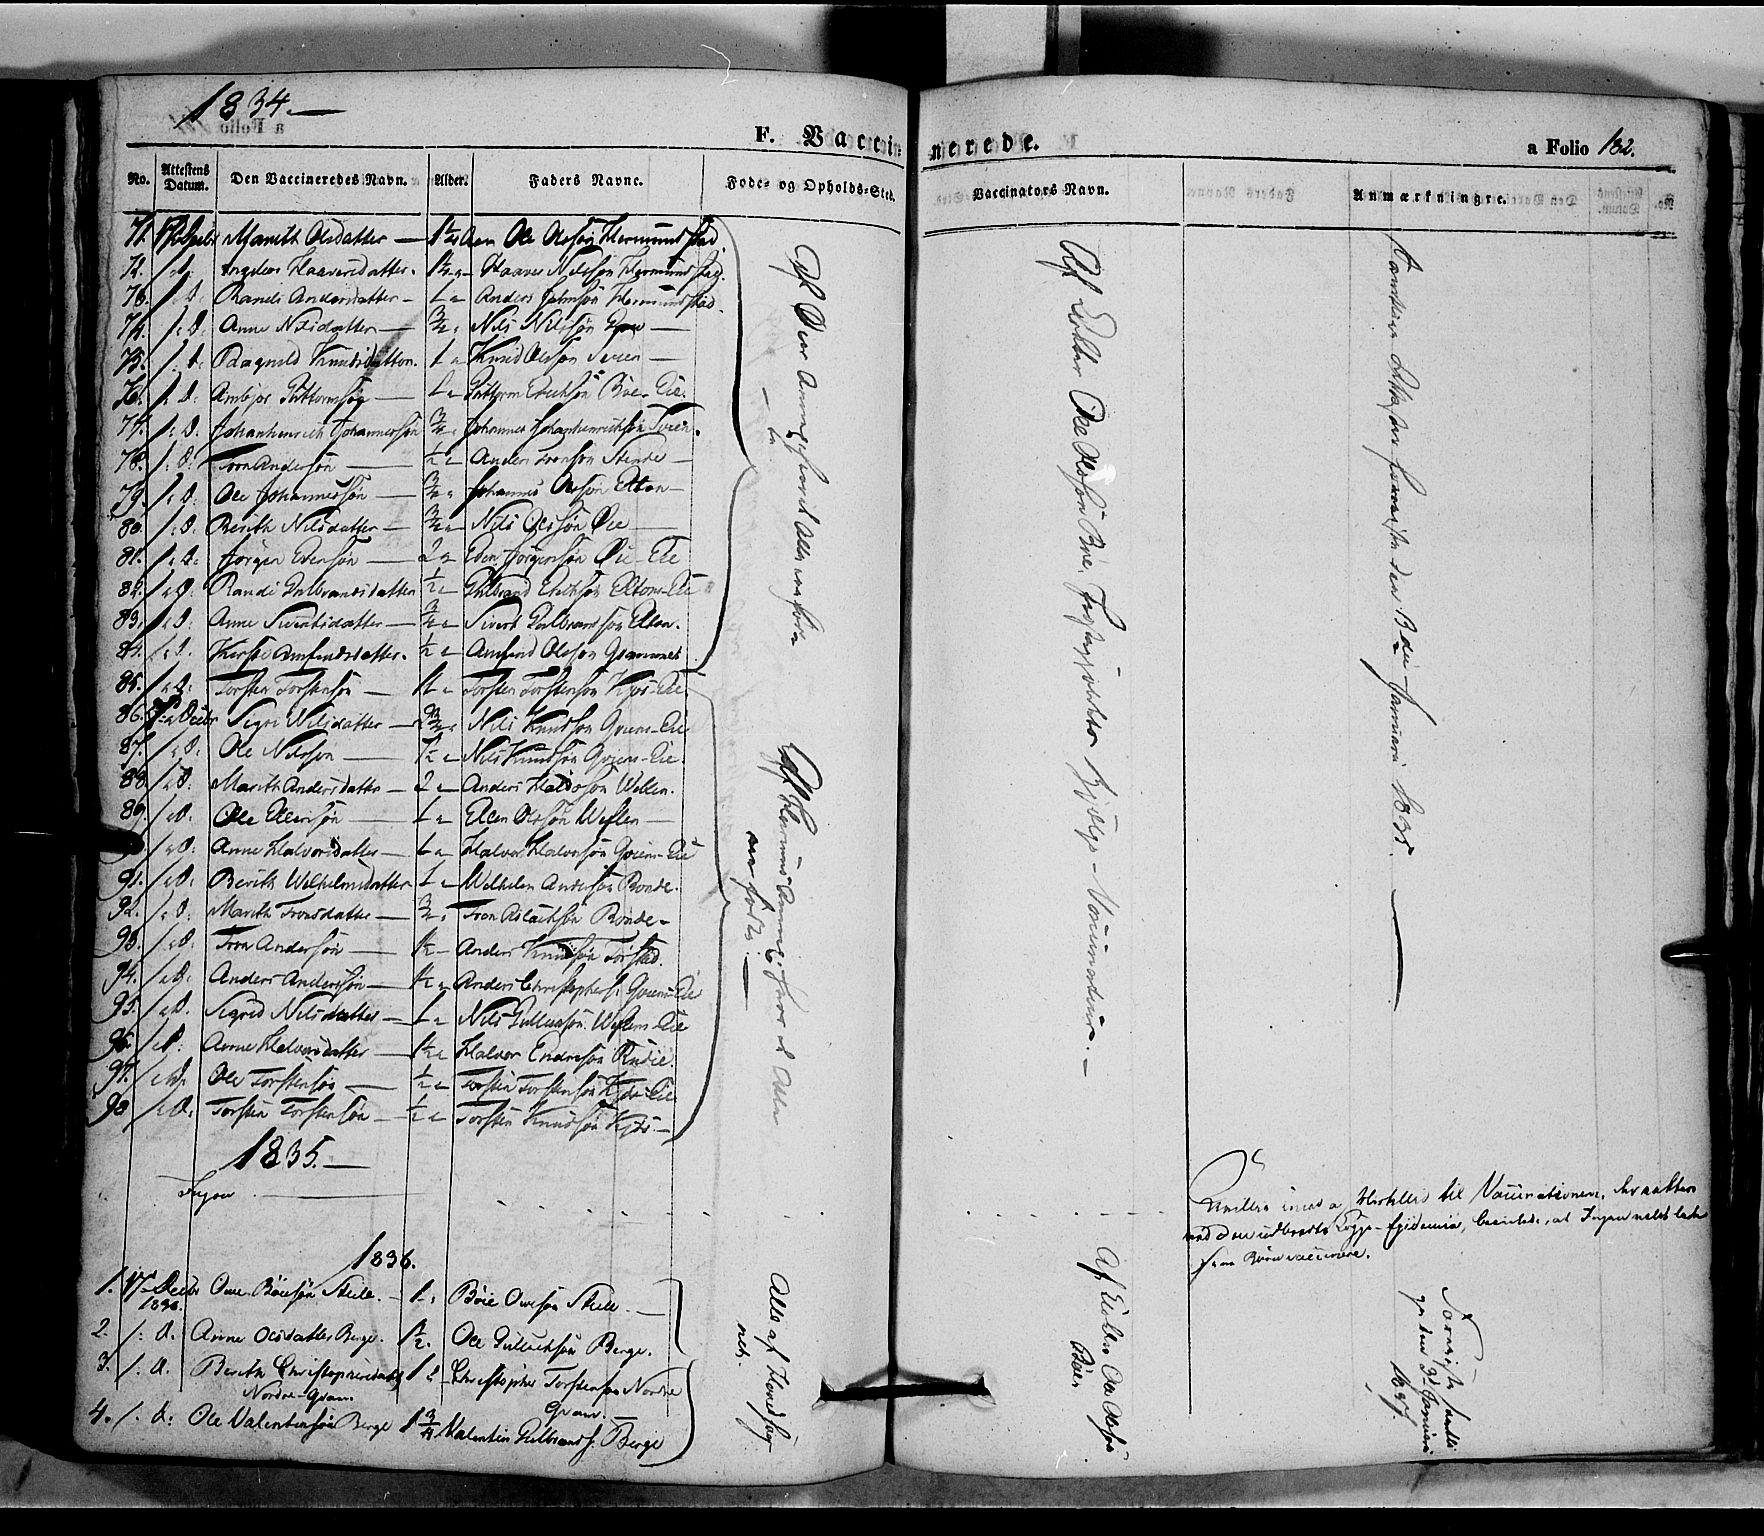 SAH, Vang prestekontor, Valdres, Ministerialbok nr. 5, 1831-1845, s. 182